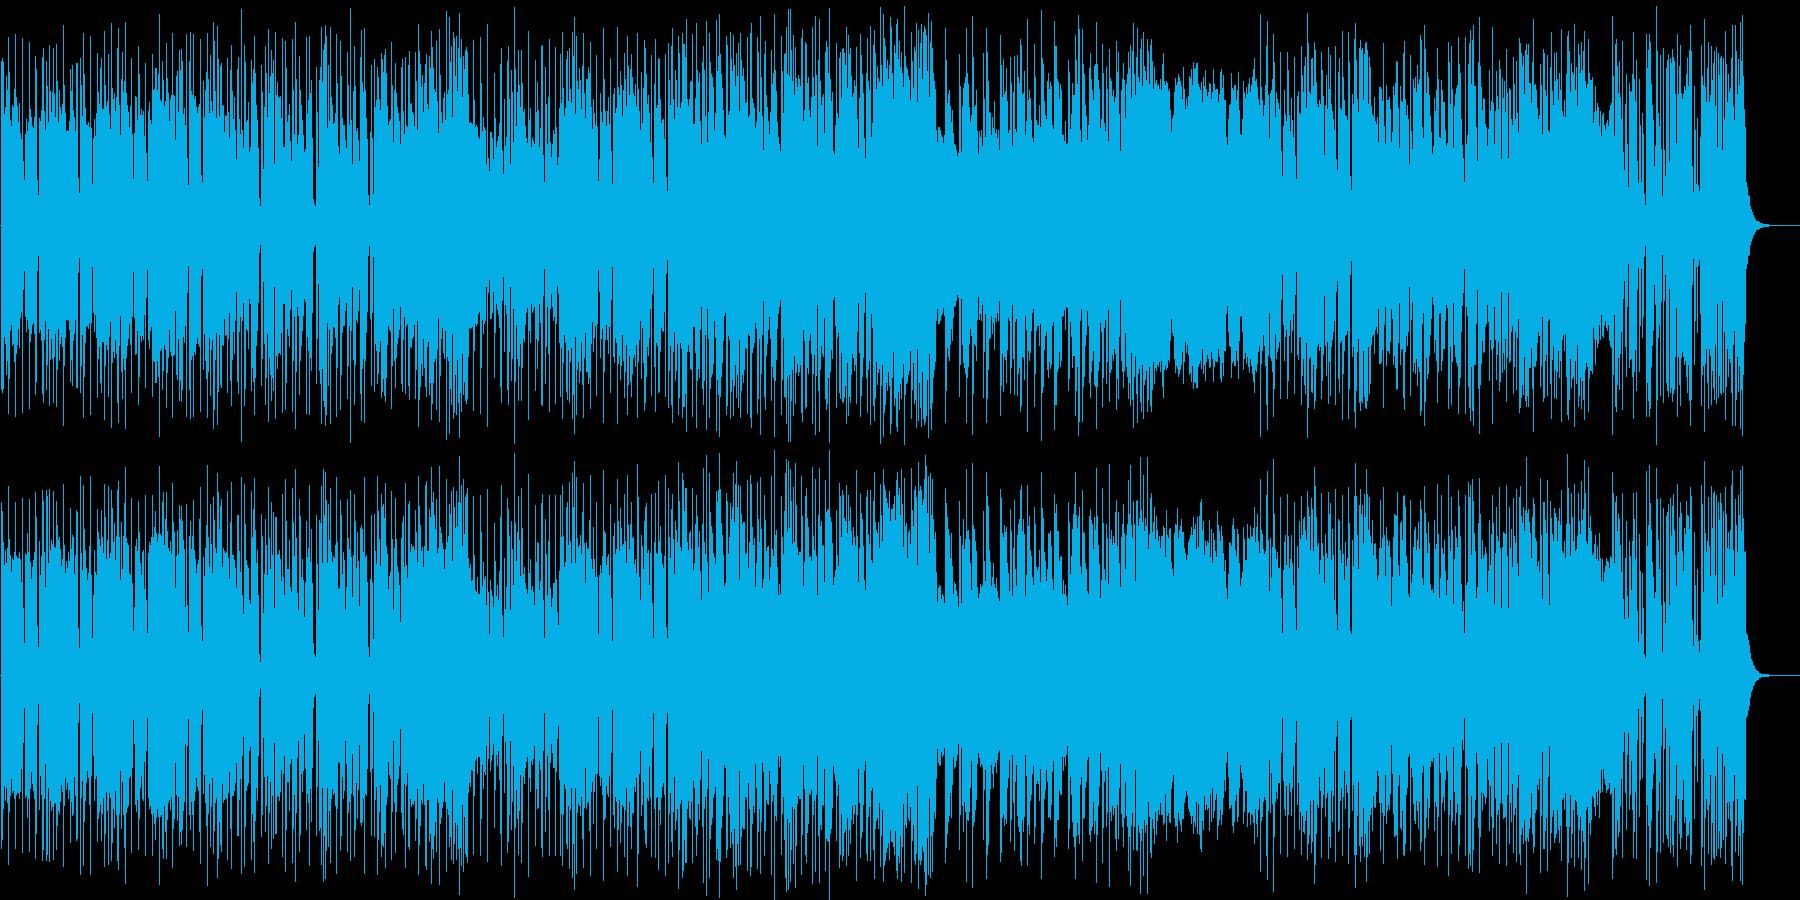 強烈ビートのヘビーメタルの再生済みの波形